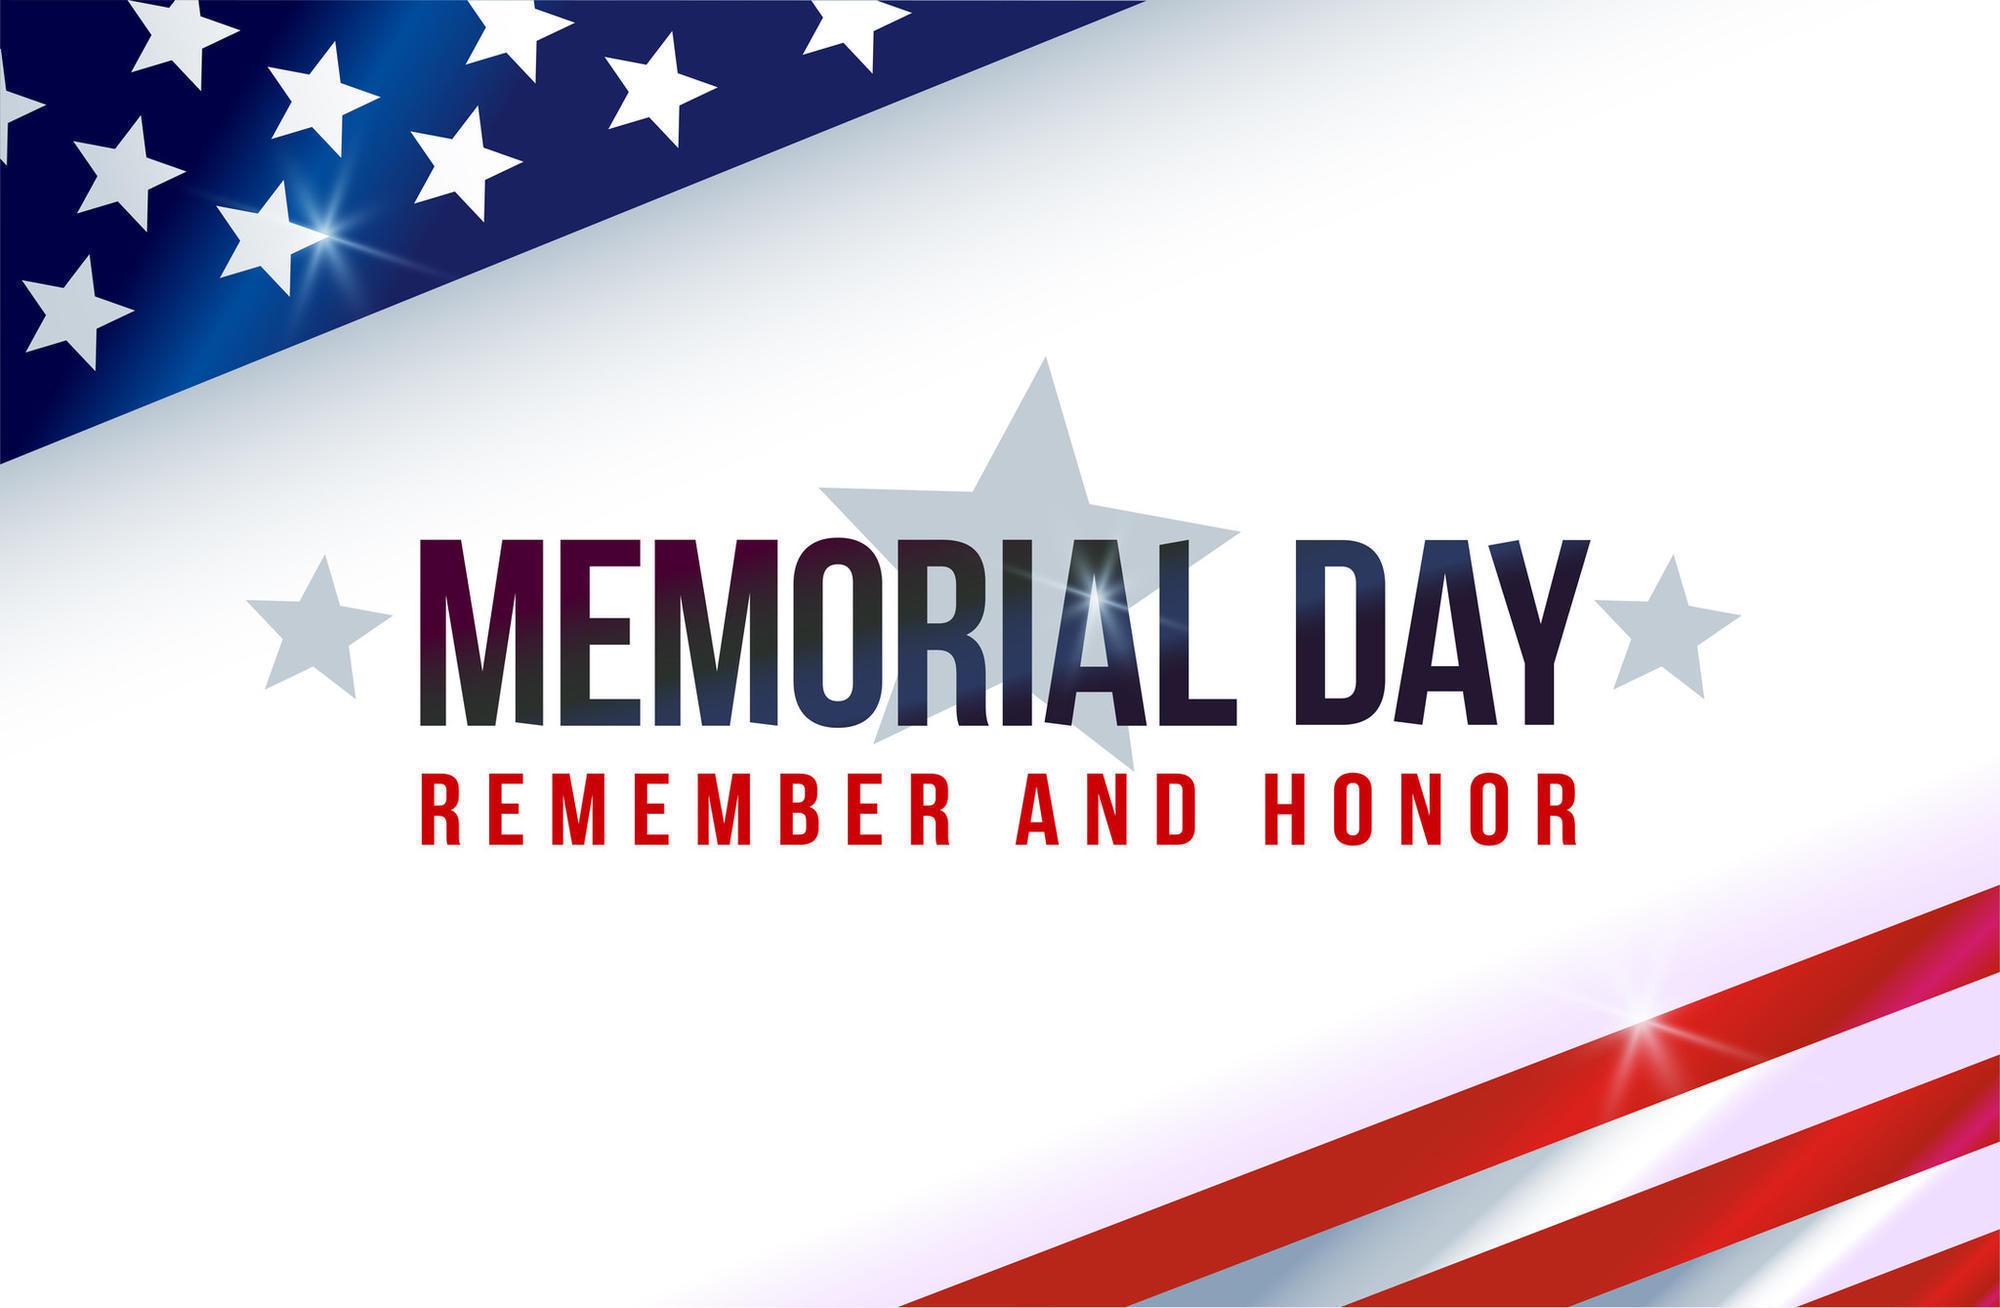 memorial day weekend freebies 20180525 - Memorial Day Weekend Open House at Reustle Prayer Rock Vineyards